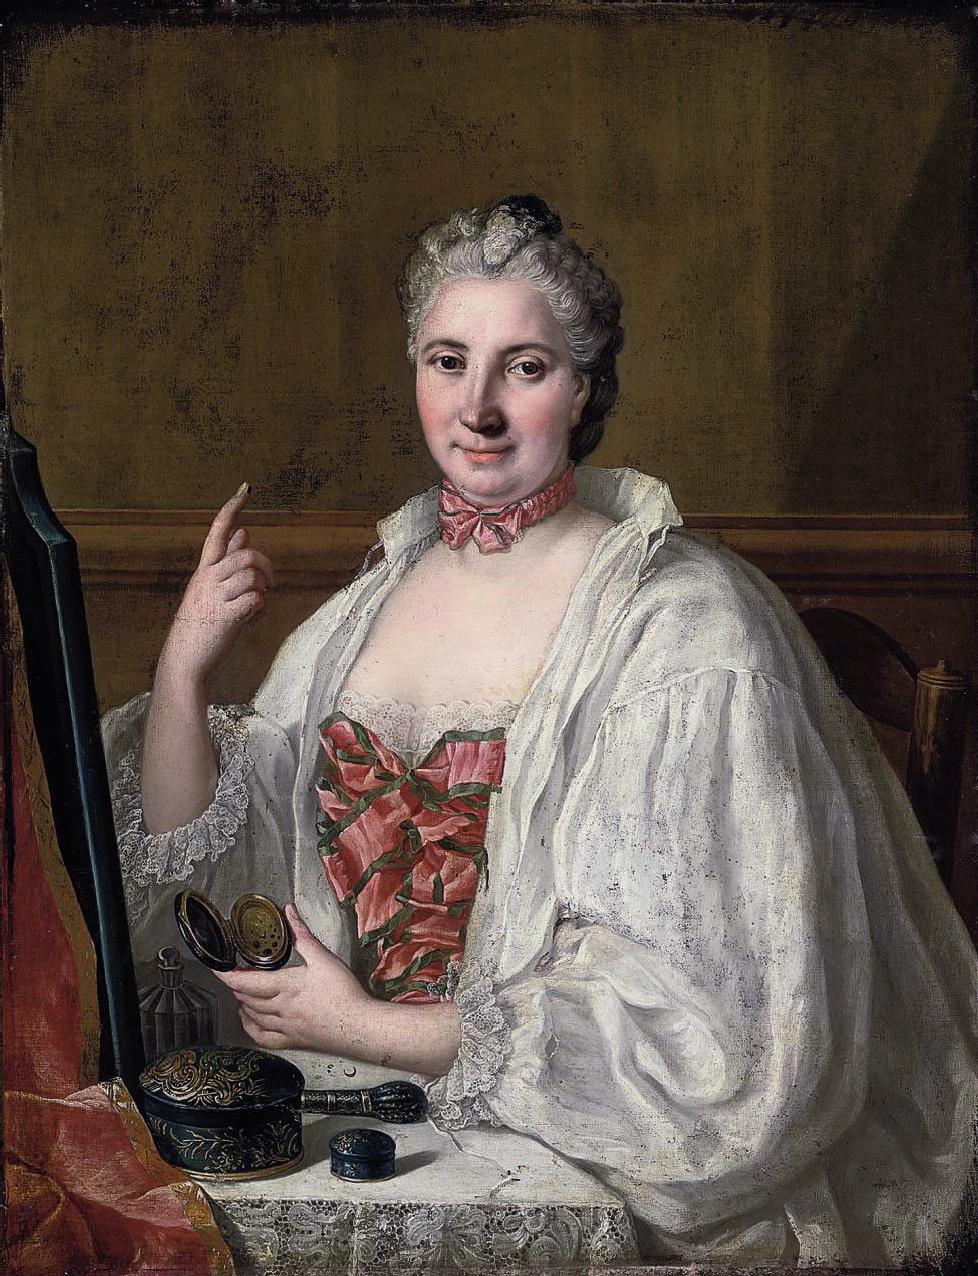 Anne_de_La_Grange-Trianon_by_Circle_of_François-Hubert_Drouais-on-wiki.jpg